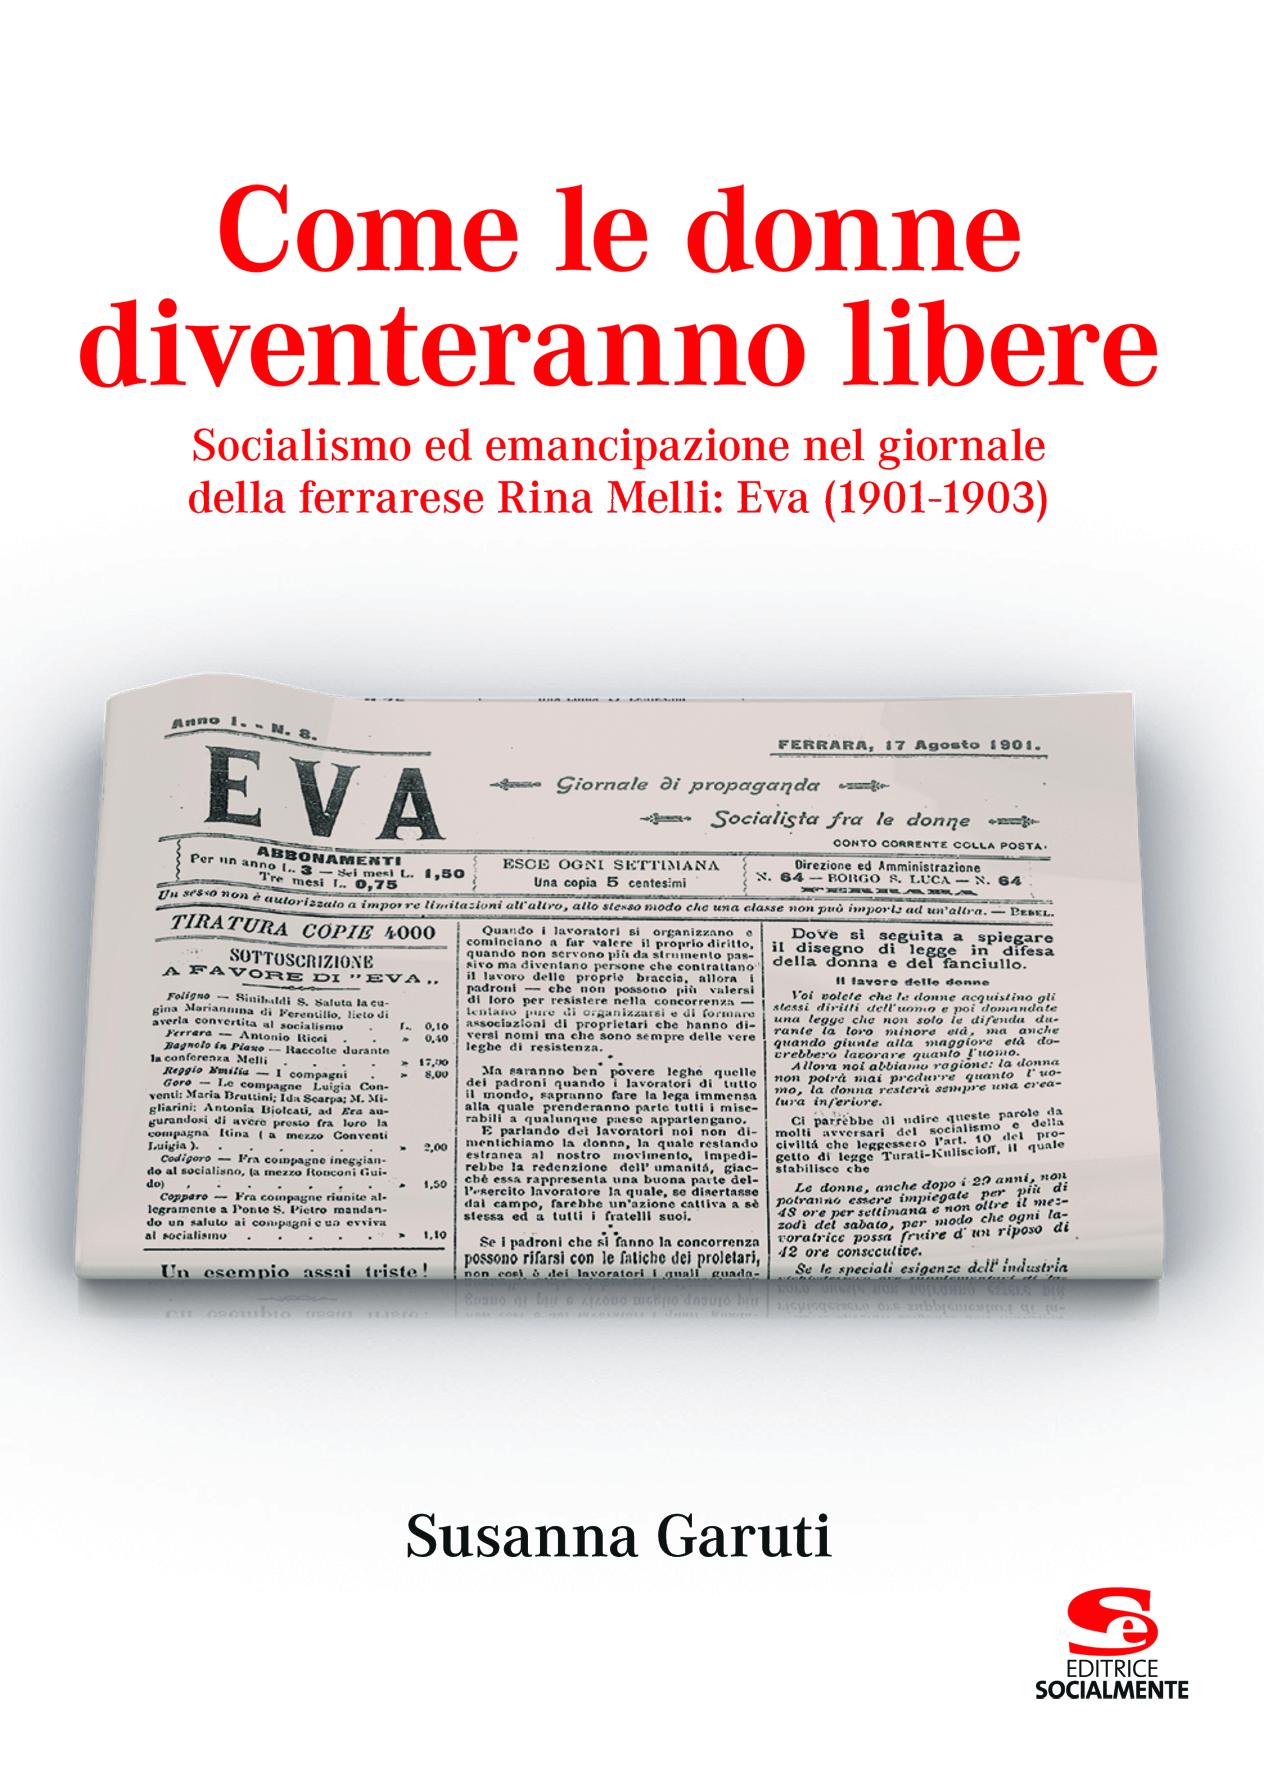 Come le donne diventeranno libere: presentazione alla libreria Ibs di Ferrara martedì 30 ottobre